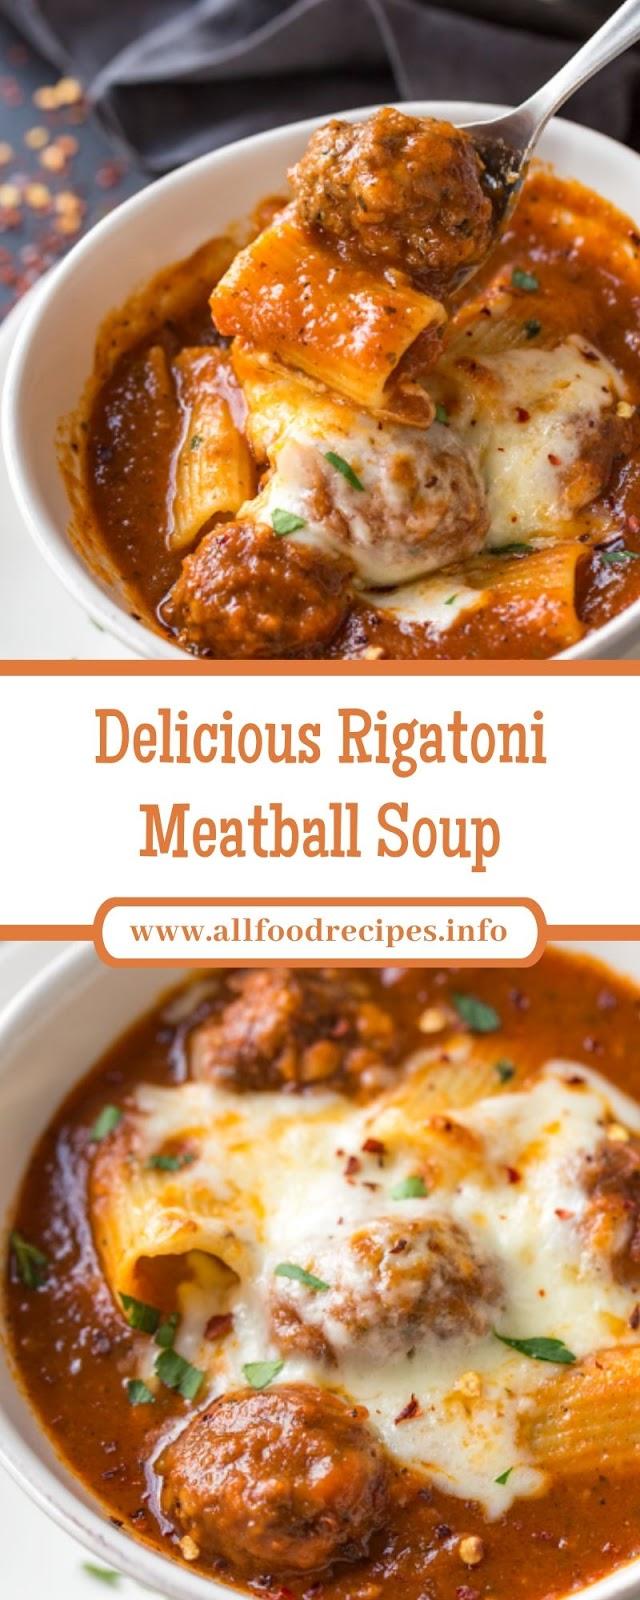 Delicious Rigatoni Meatball Soup